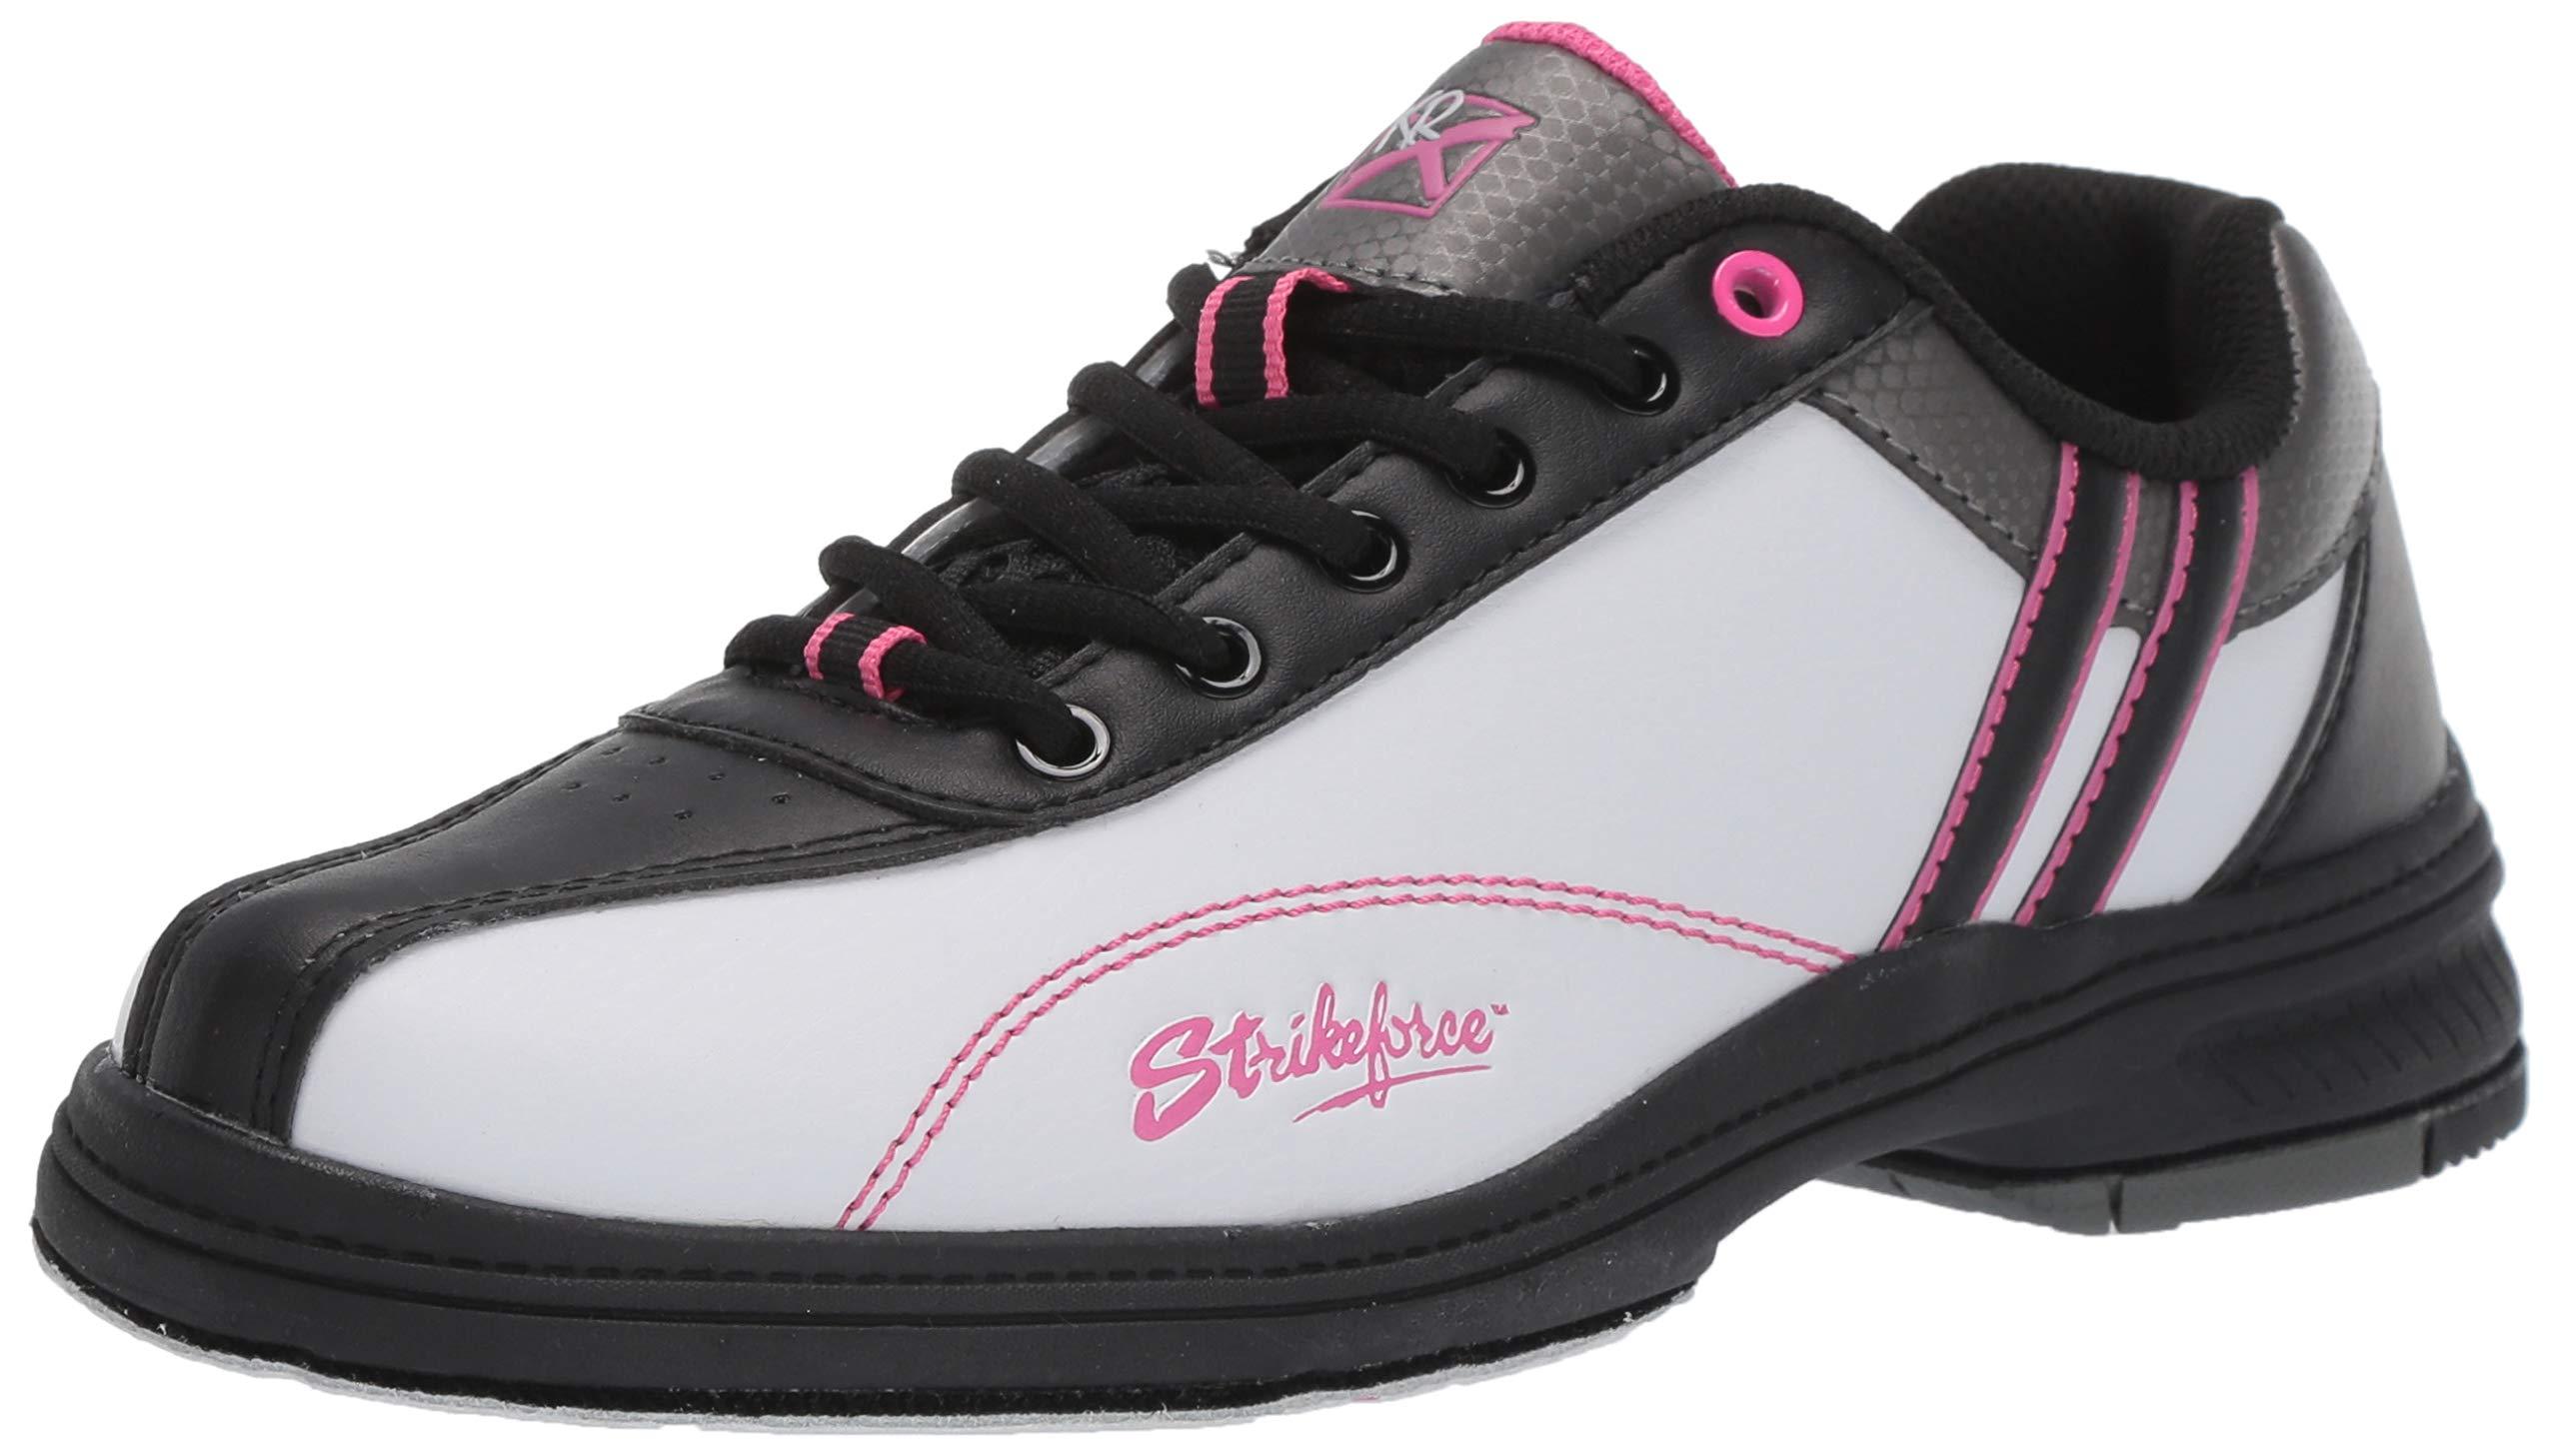 KR Strikeforce L-901-085 Starr Bowling Shoes, White/Black/Pink, Size 8.5 by KR Strikeforce